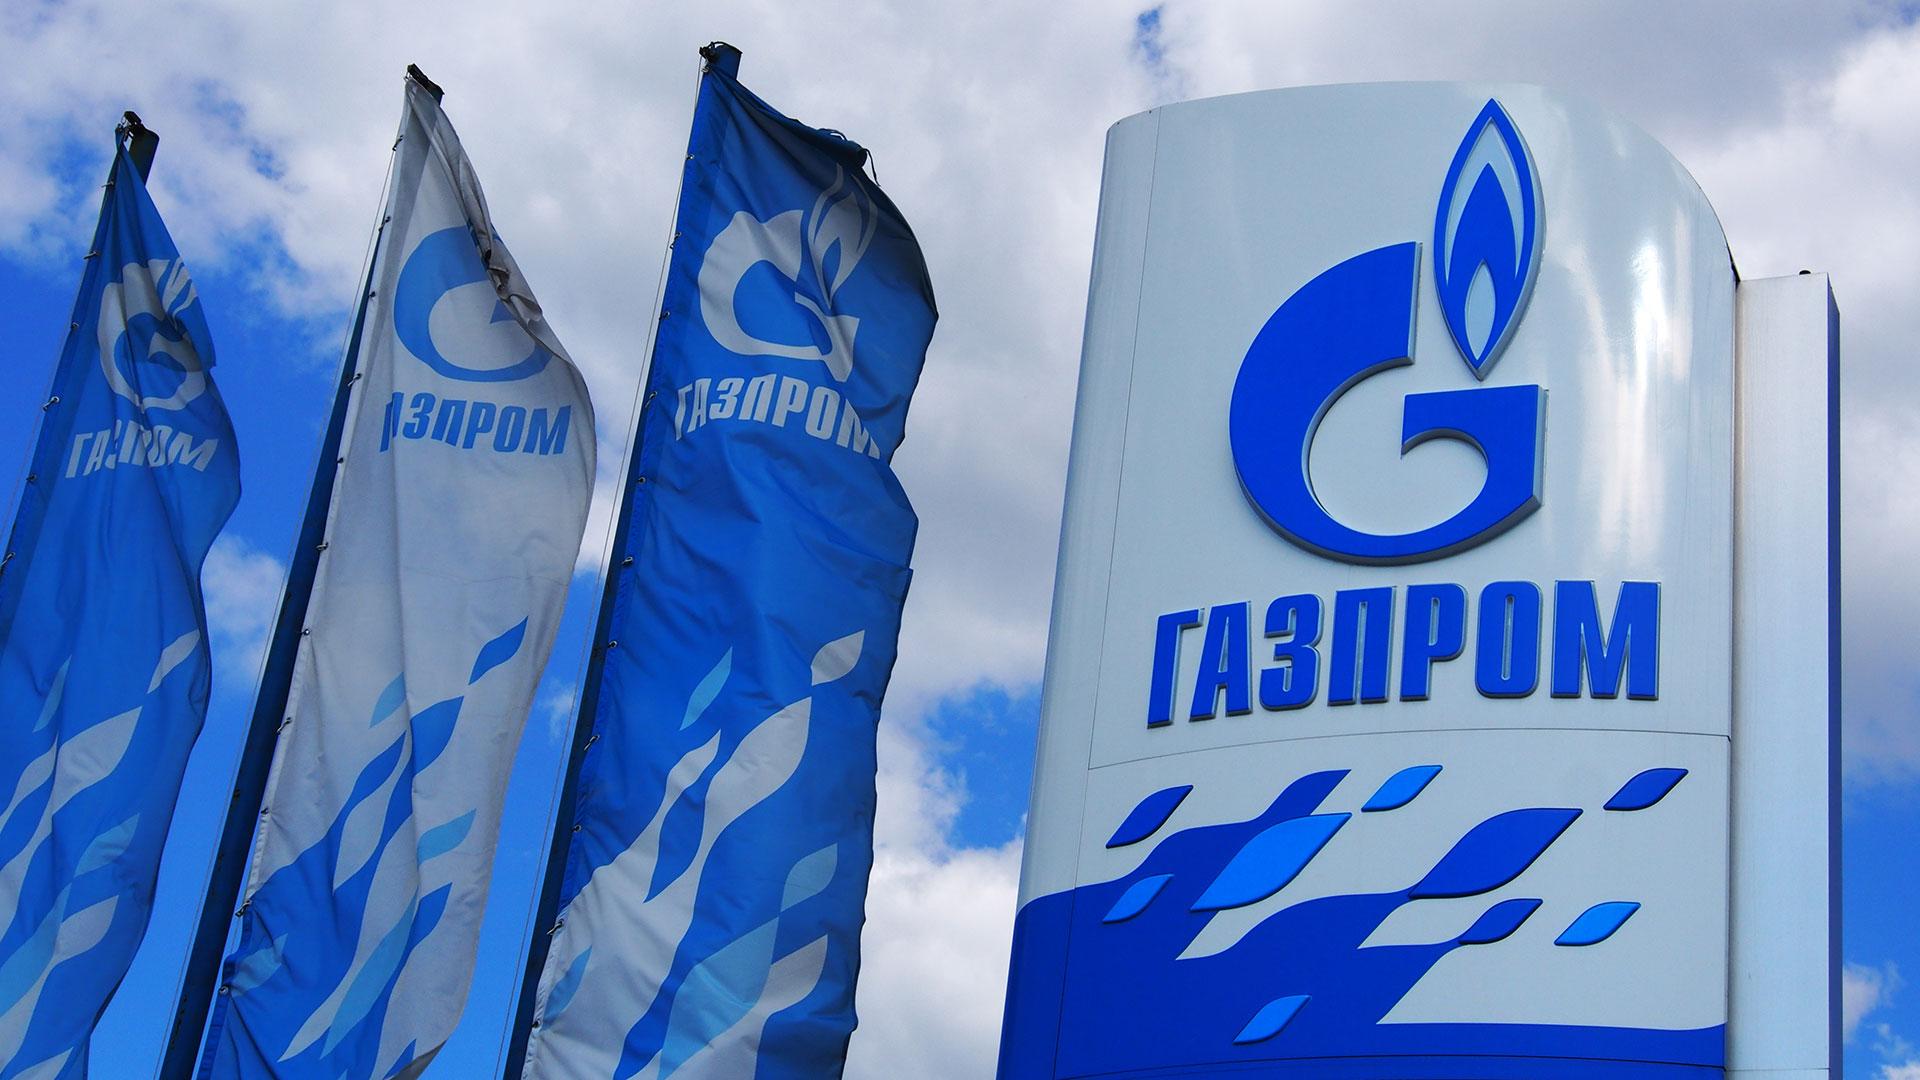 Gazprom hat fast still und heimlich die größten Weichen auf grün gestellt.